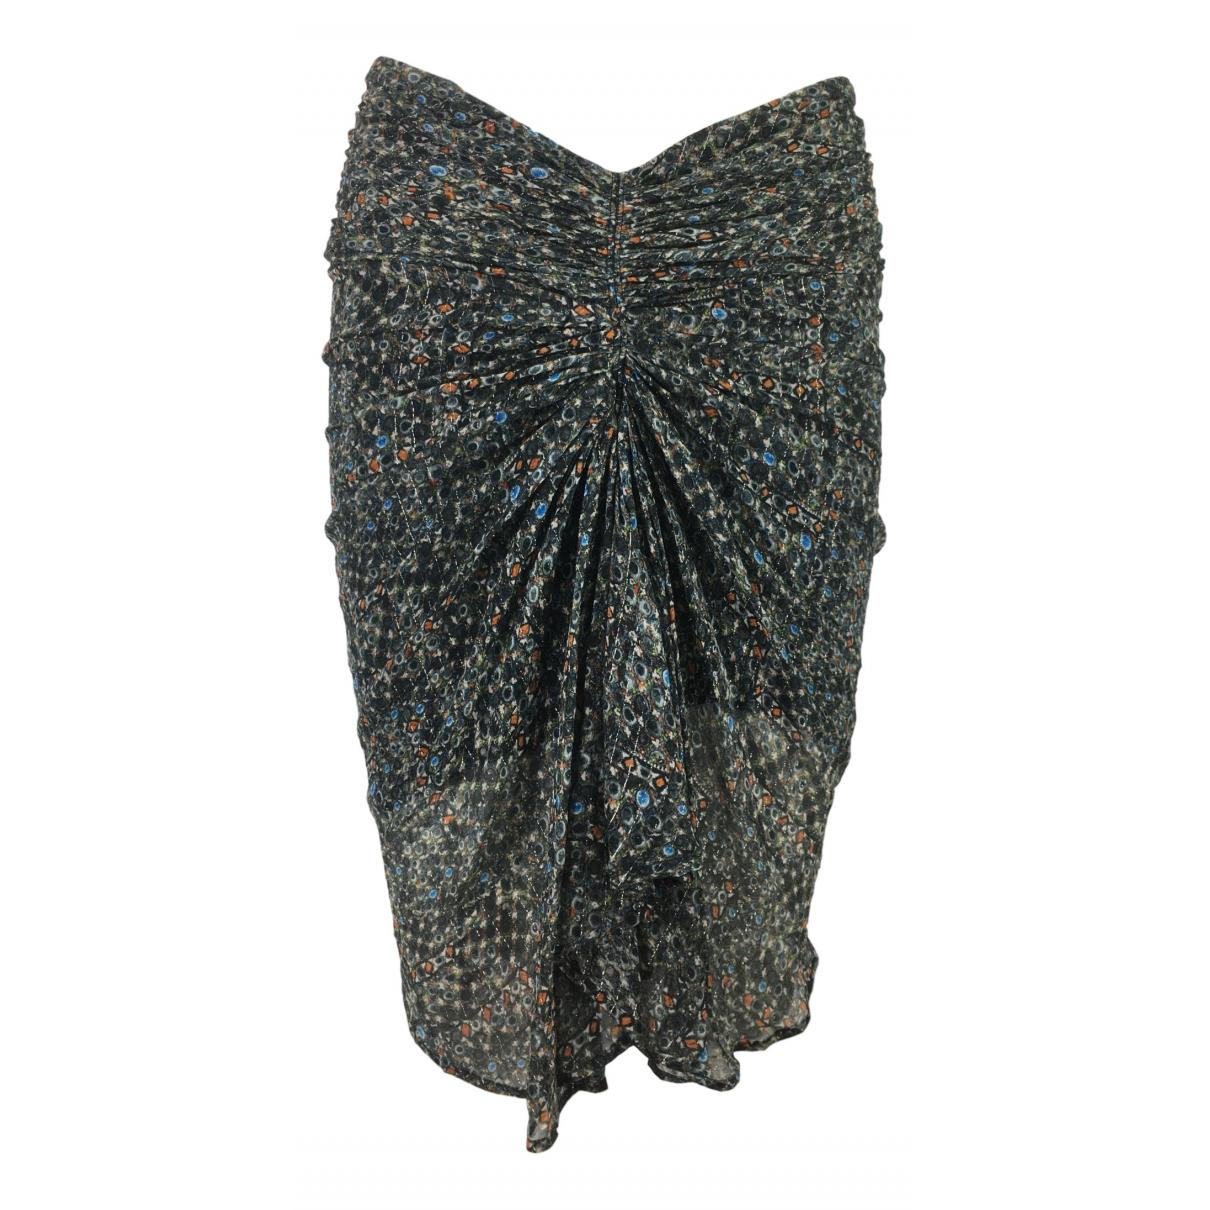 Isabel Marant Pour H&m - Jupe   pour femme en soie - multicolore